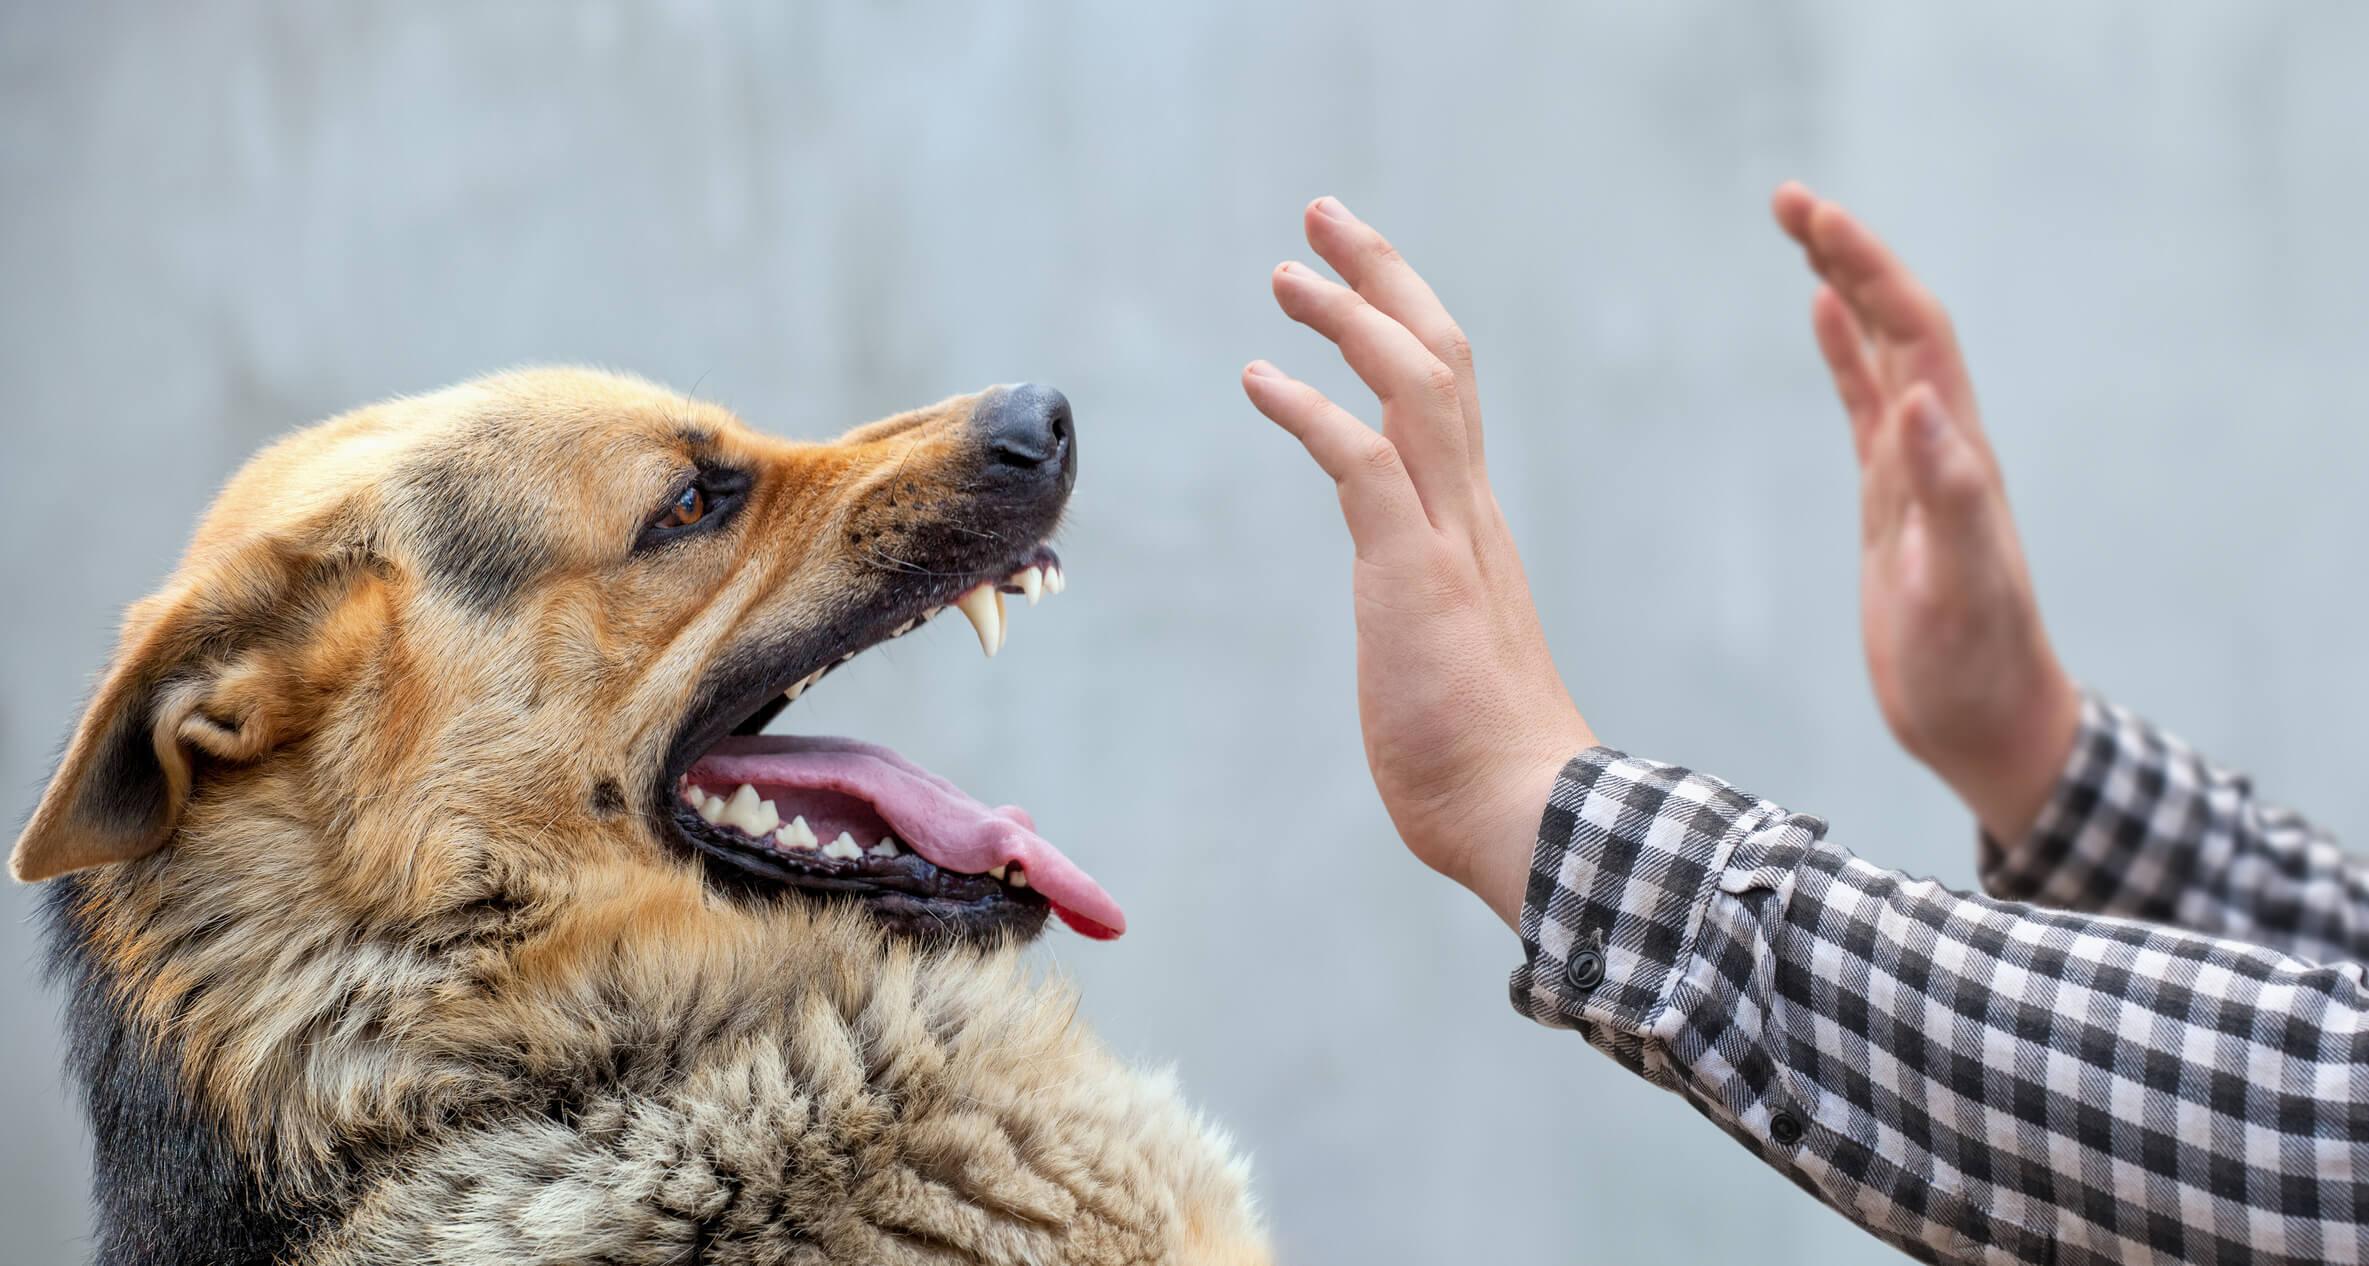 หมาไล่กัด ควรทำอย่างไร